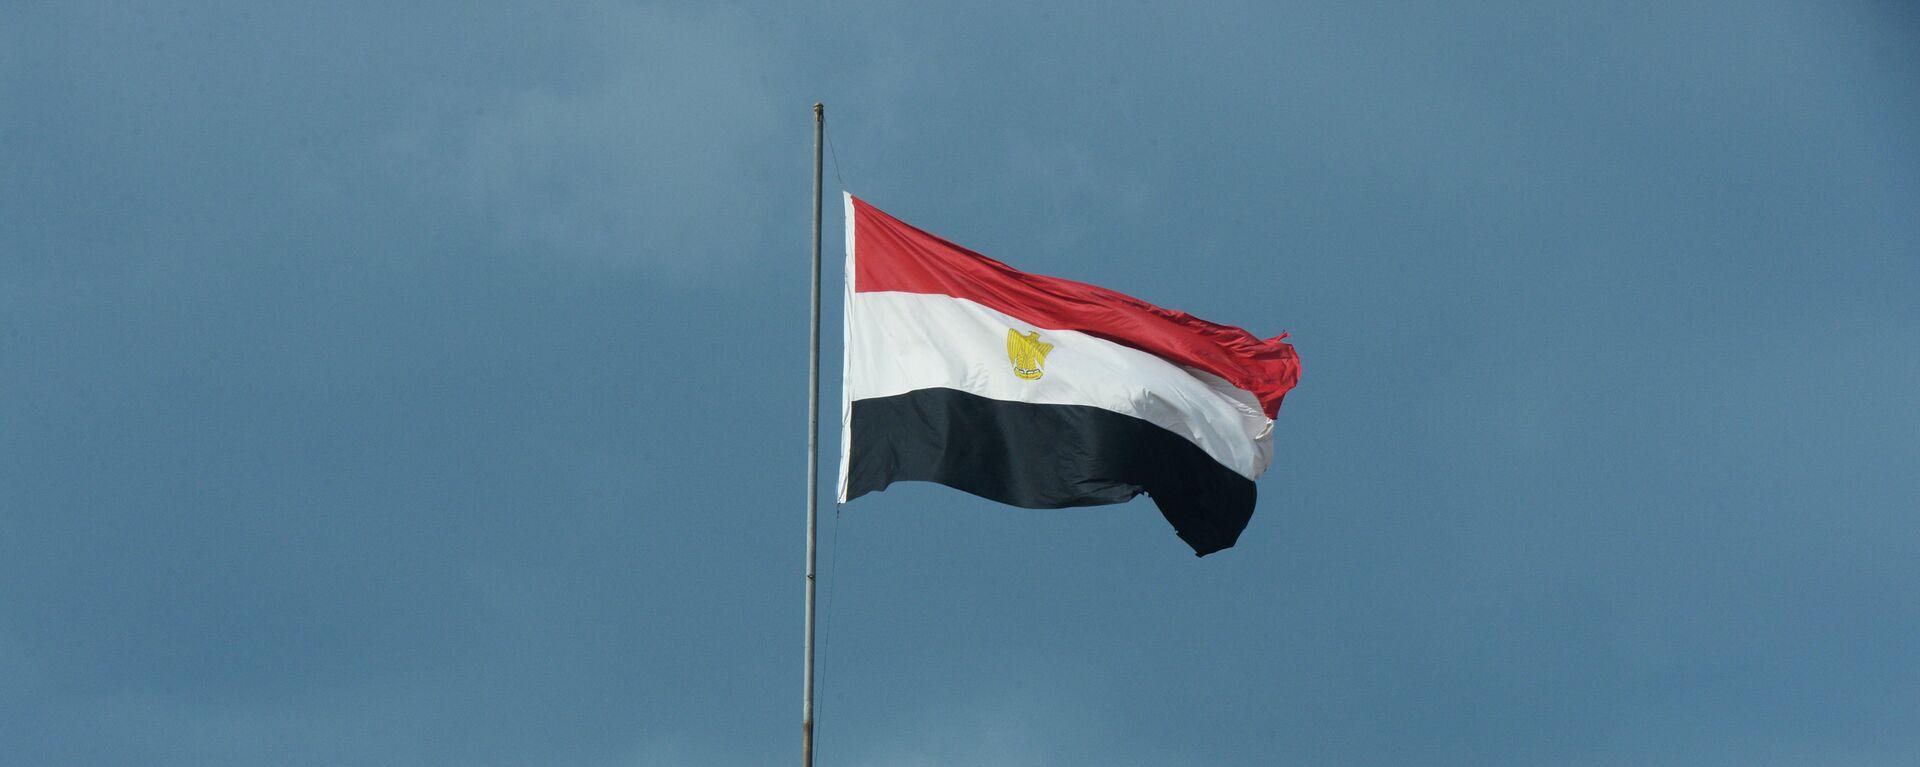 Η σημαία της Αιγύπτου σε κτήριο του Καΐρου - Sputnik Ελλάδα, 1920, 12.10.2021